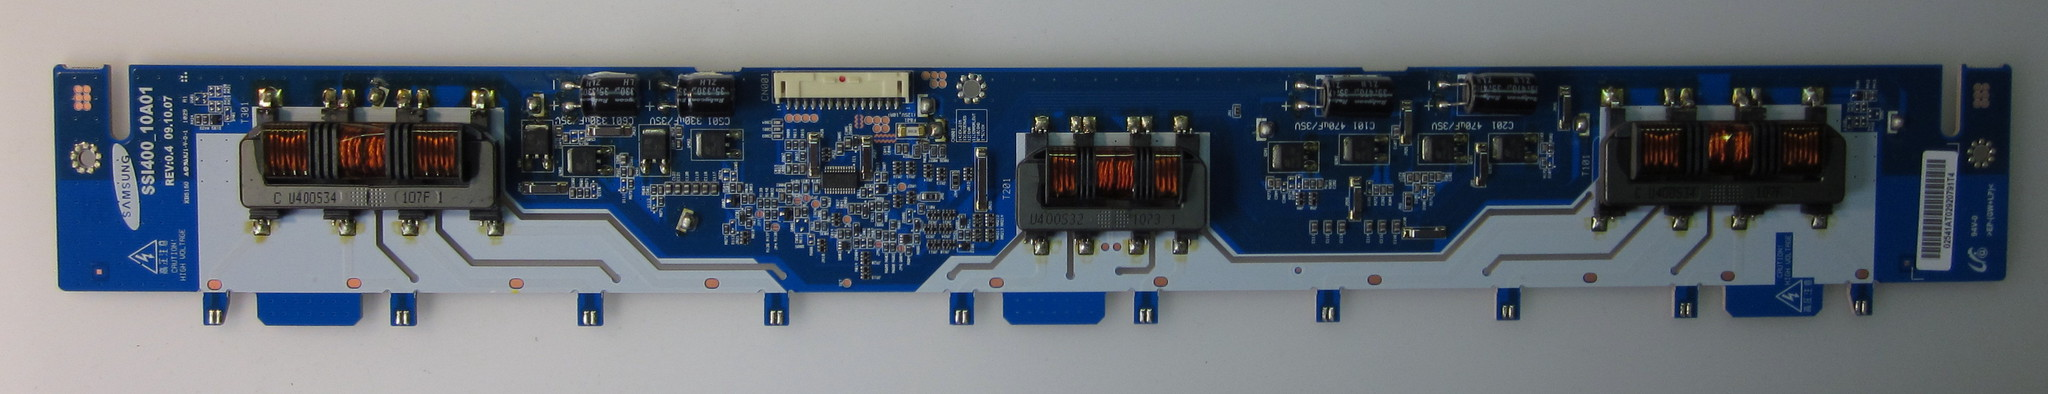 SSI400_10A01